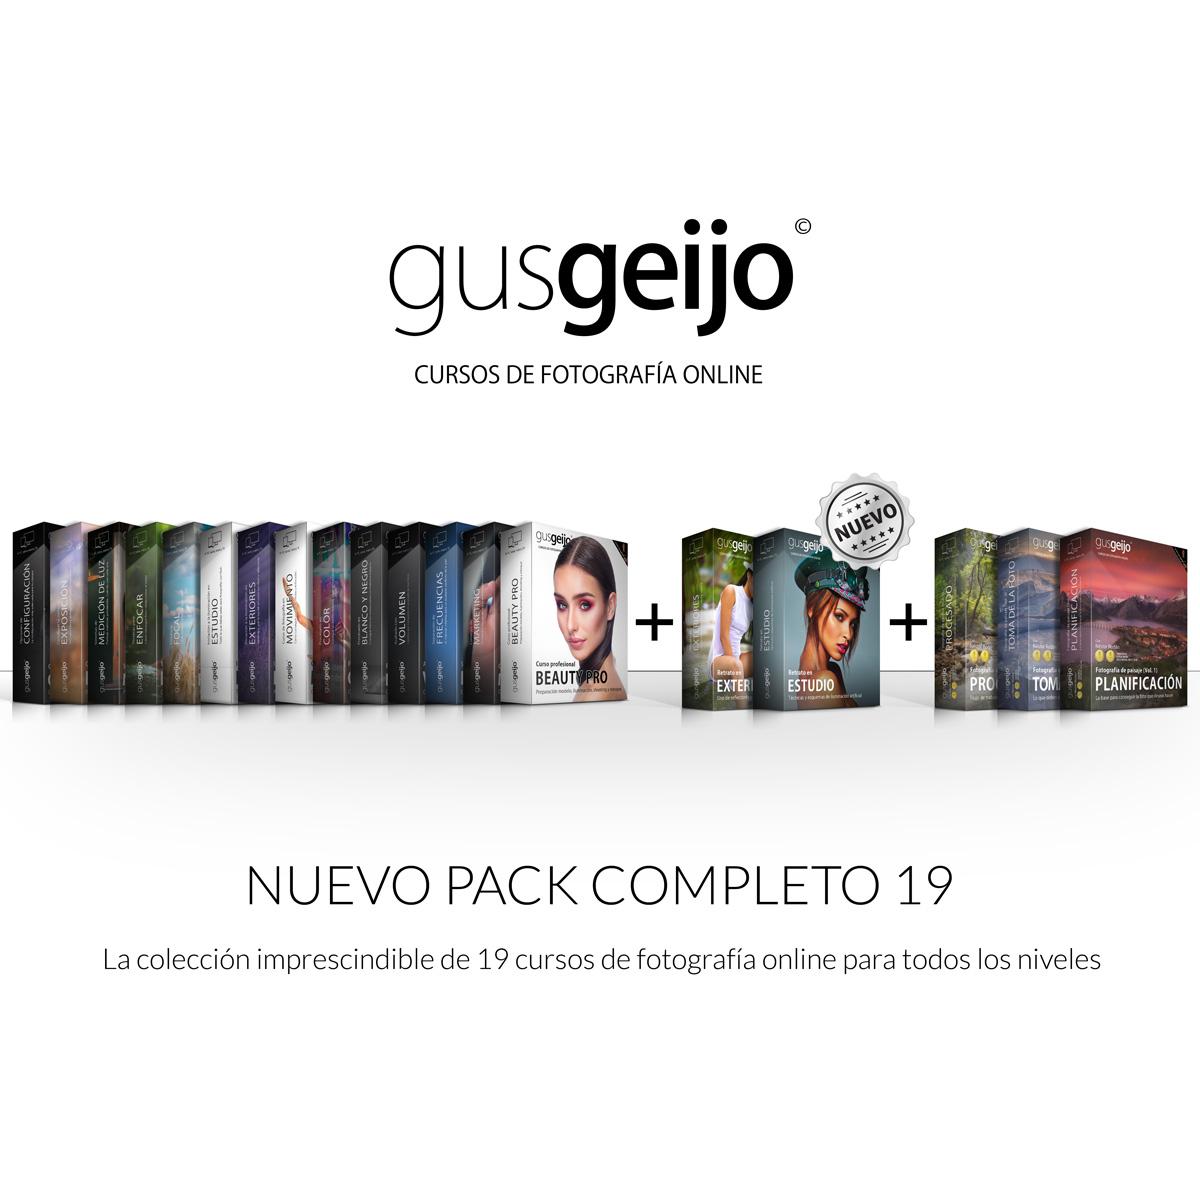 Pack Completo de 19 cursos de fotografía online - Gus Geijo Cursos de  fotografía online 84b67ccdb47d1